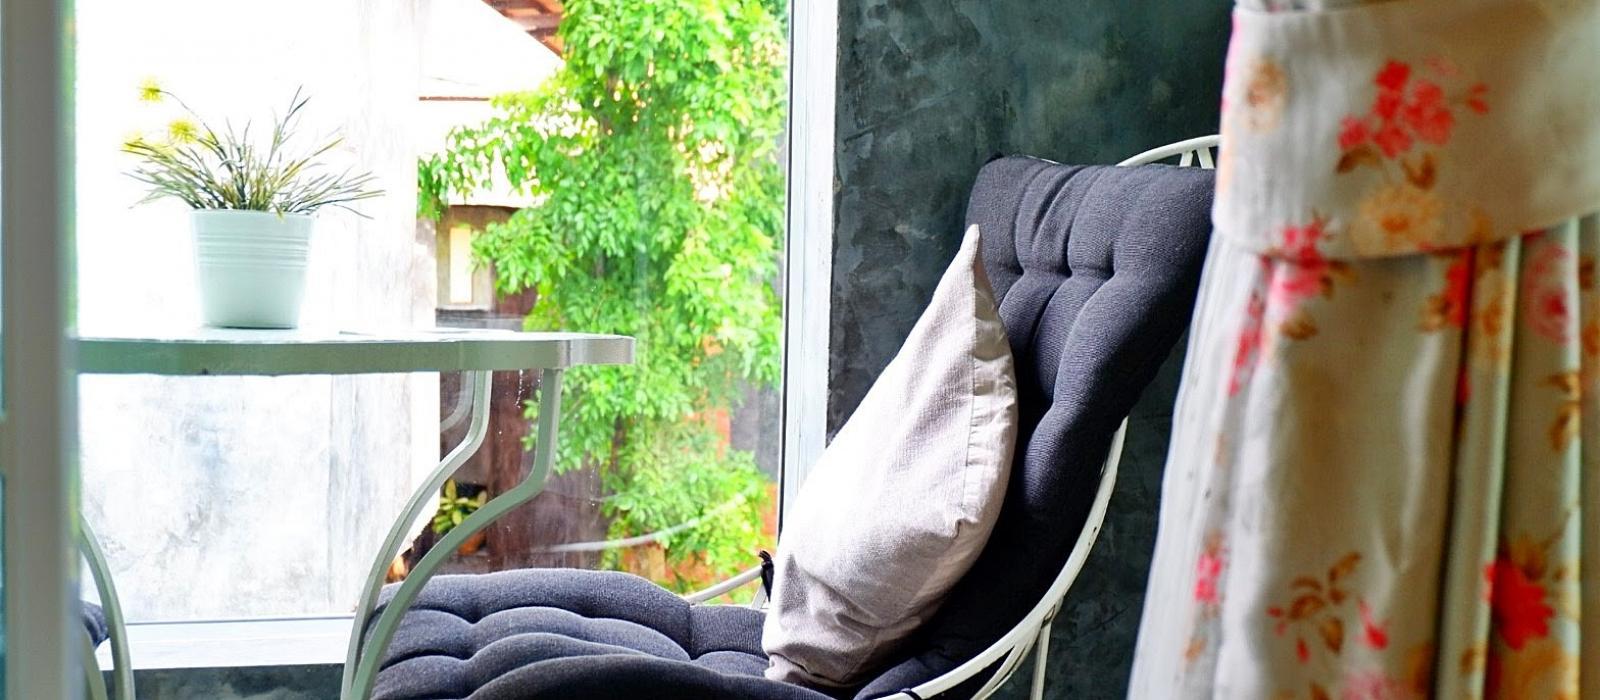 ห้องรักแรกพบ ให้รีสอร์ท โรงแรมบางแสน ชลบุรี